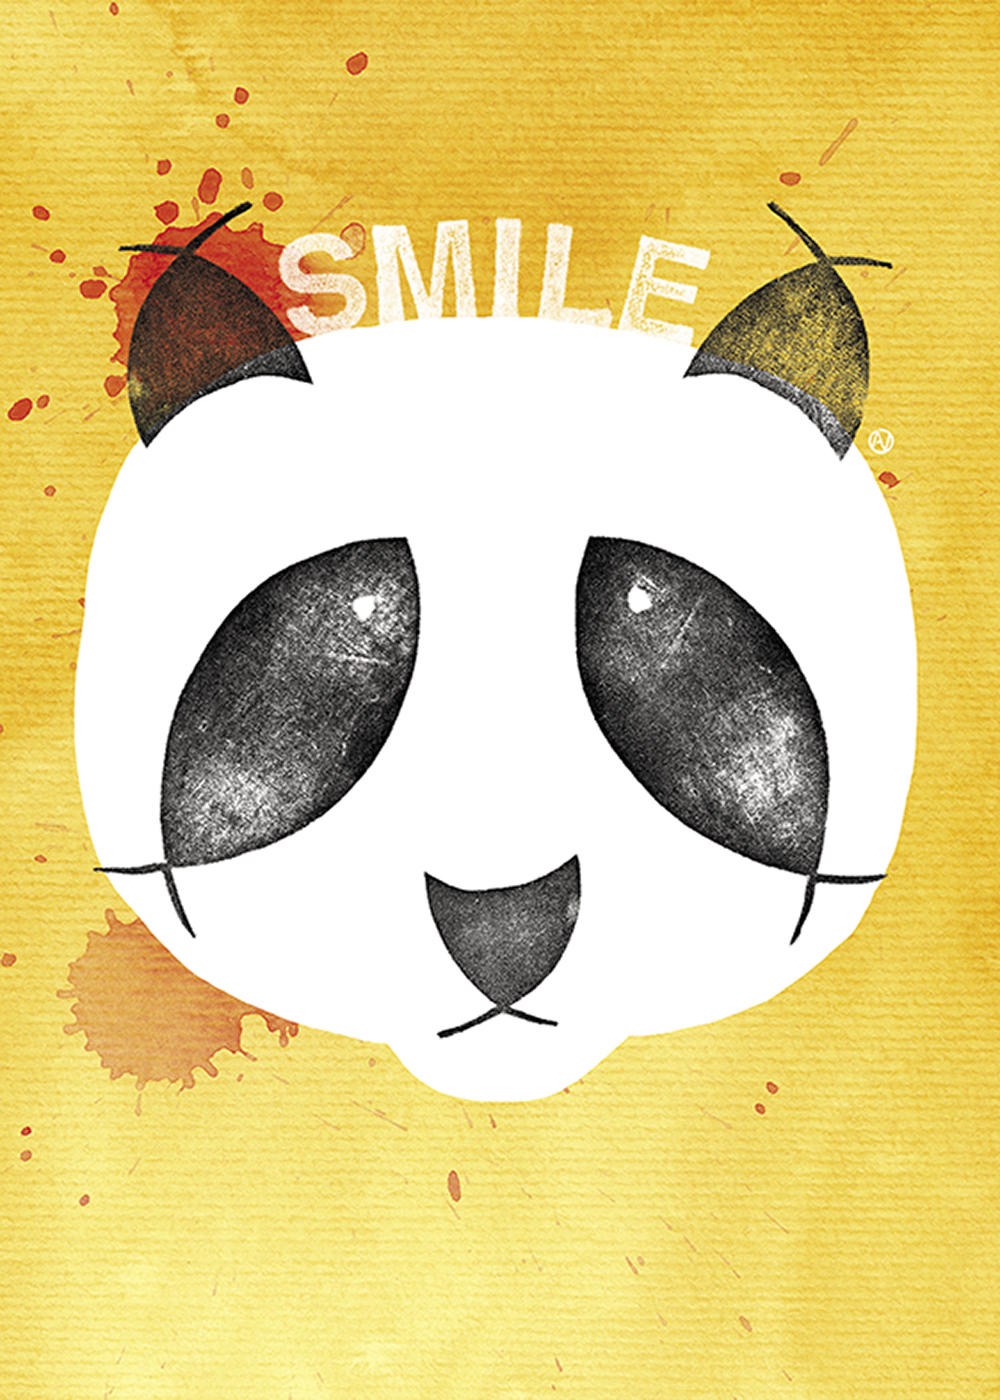 Smile, פנים עצובות של פנדה